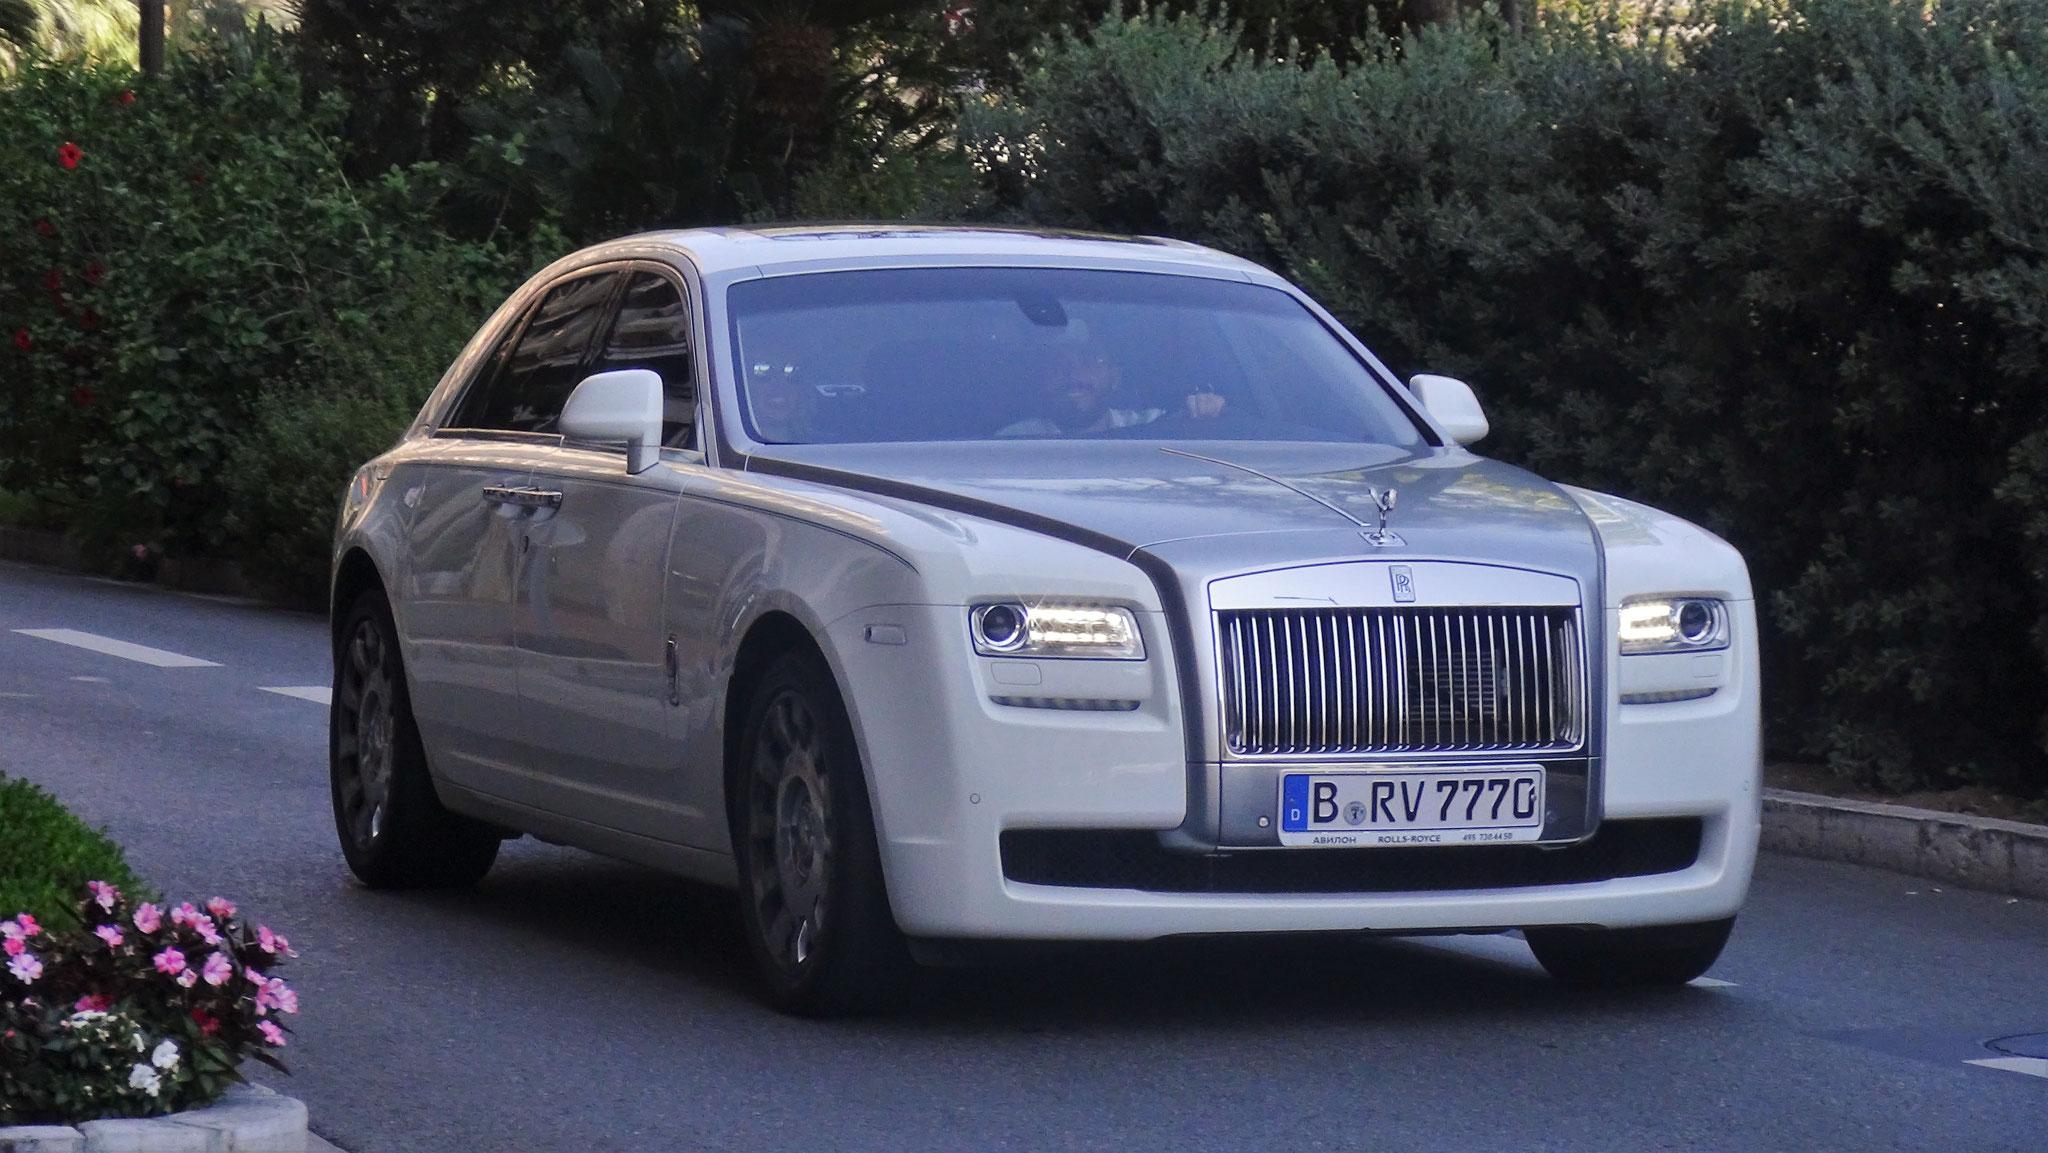 Rolls Royce Ghost - B-RV-7770